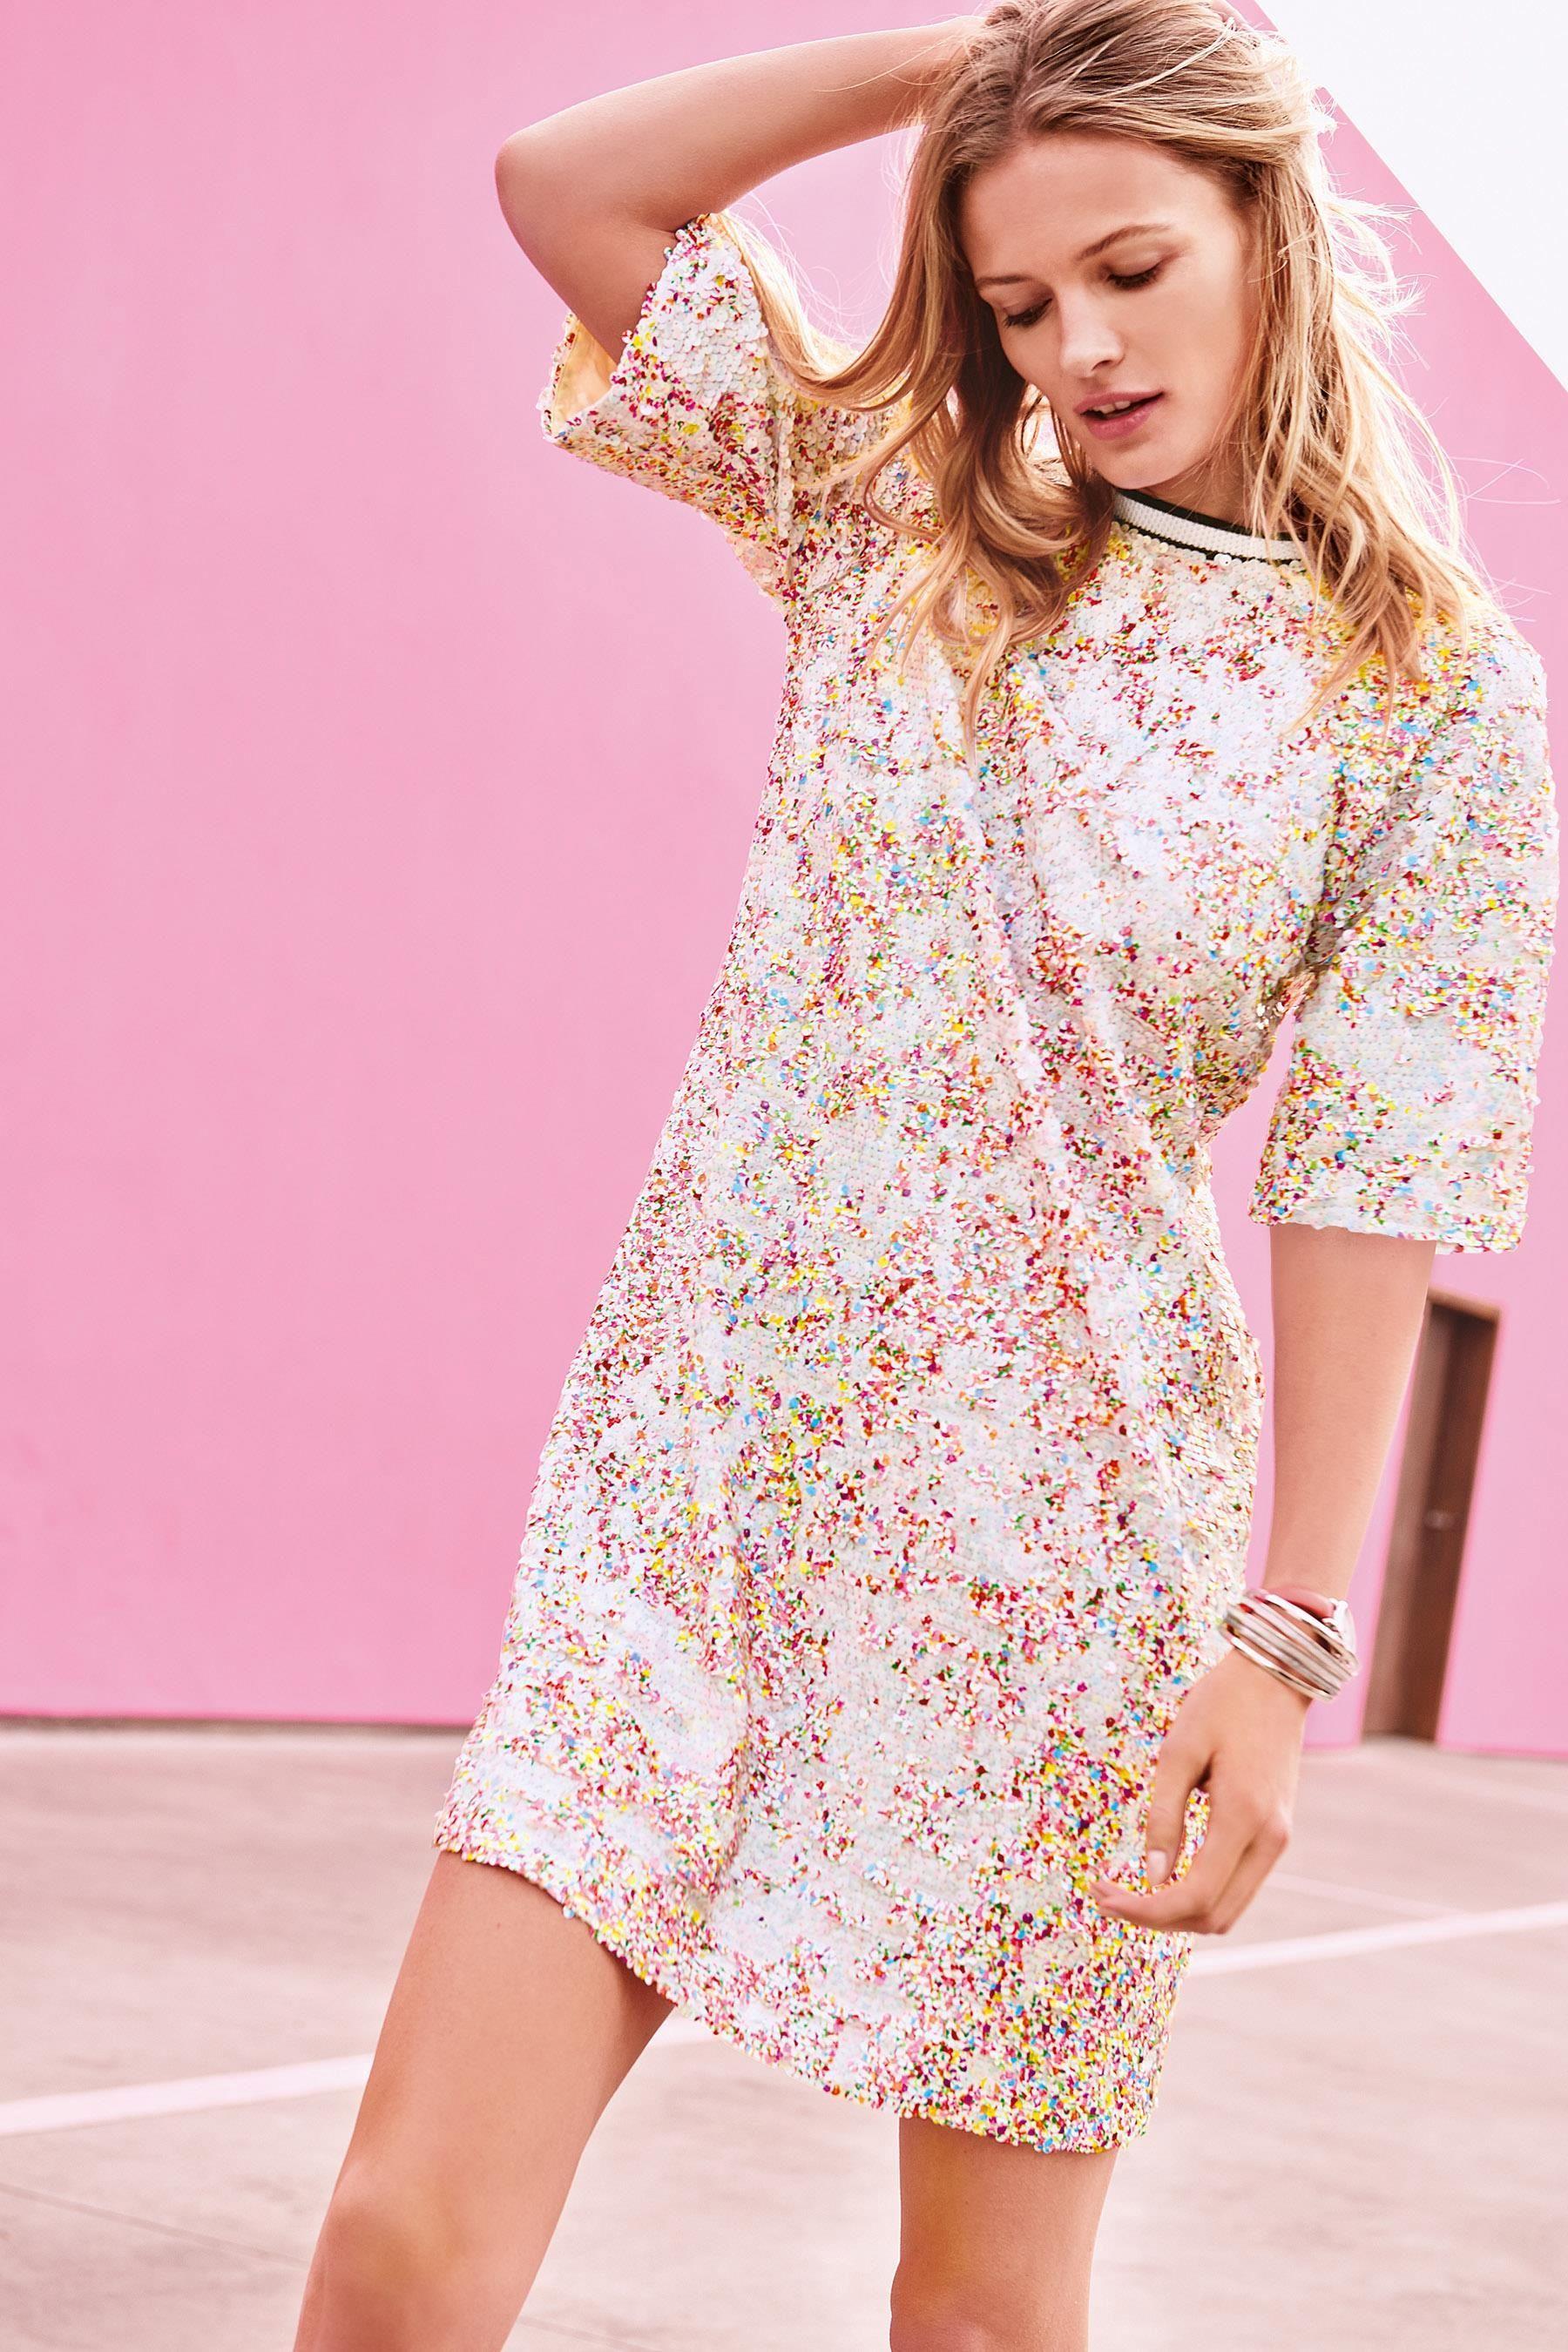 Buy Multi Sequin Dress from Next Australia | D R E S S E S ...